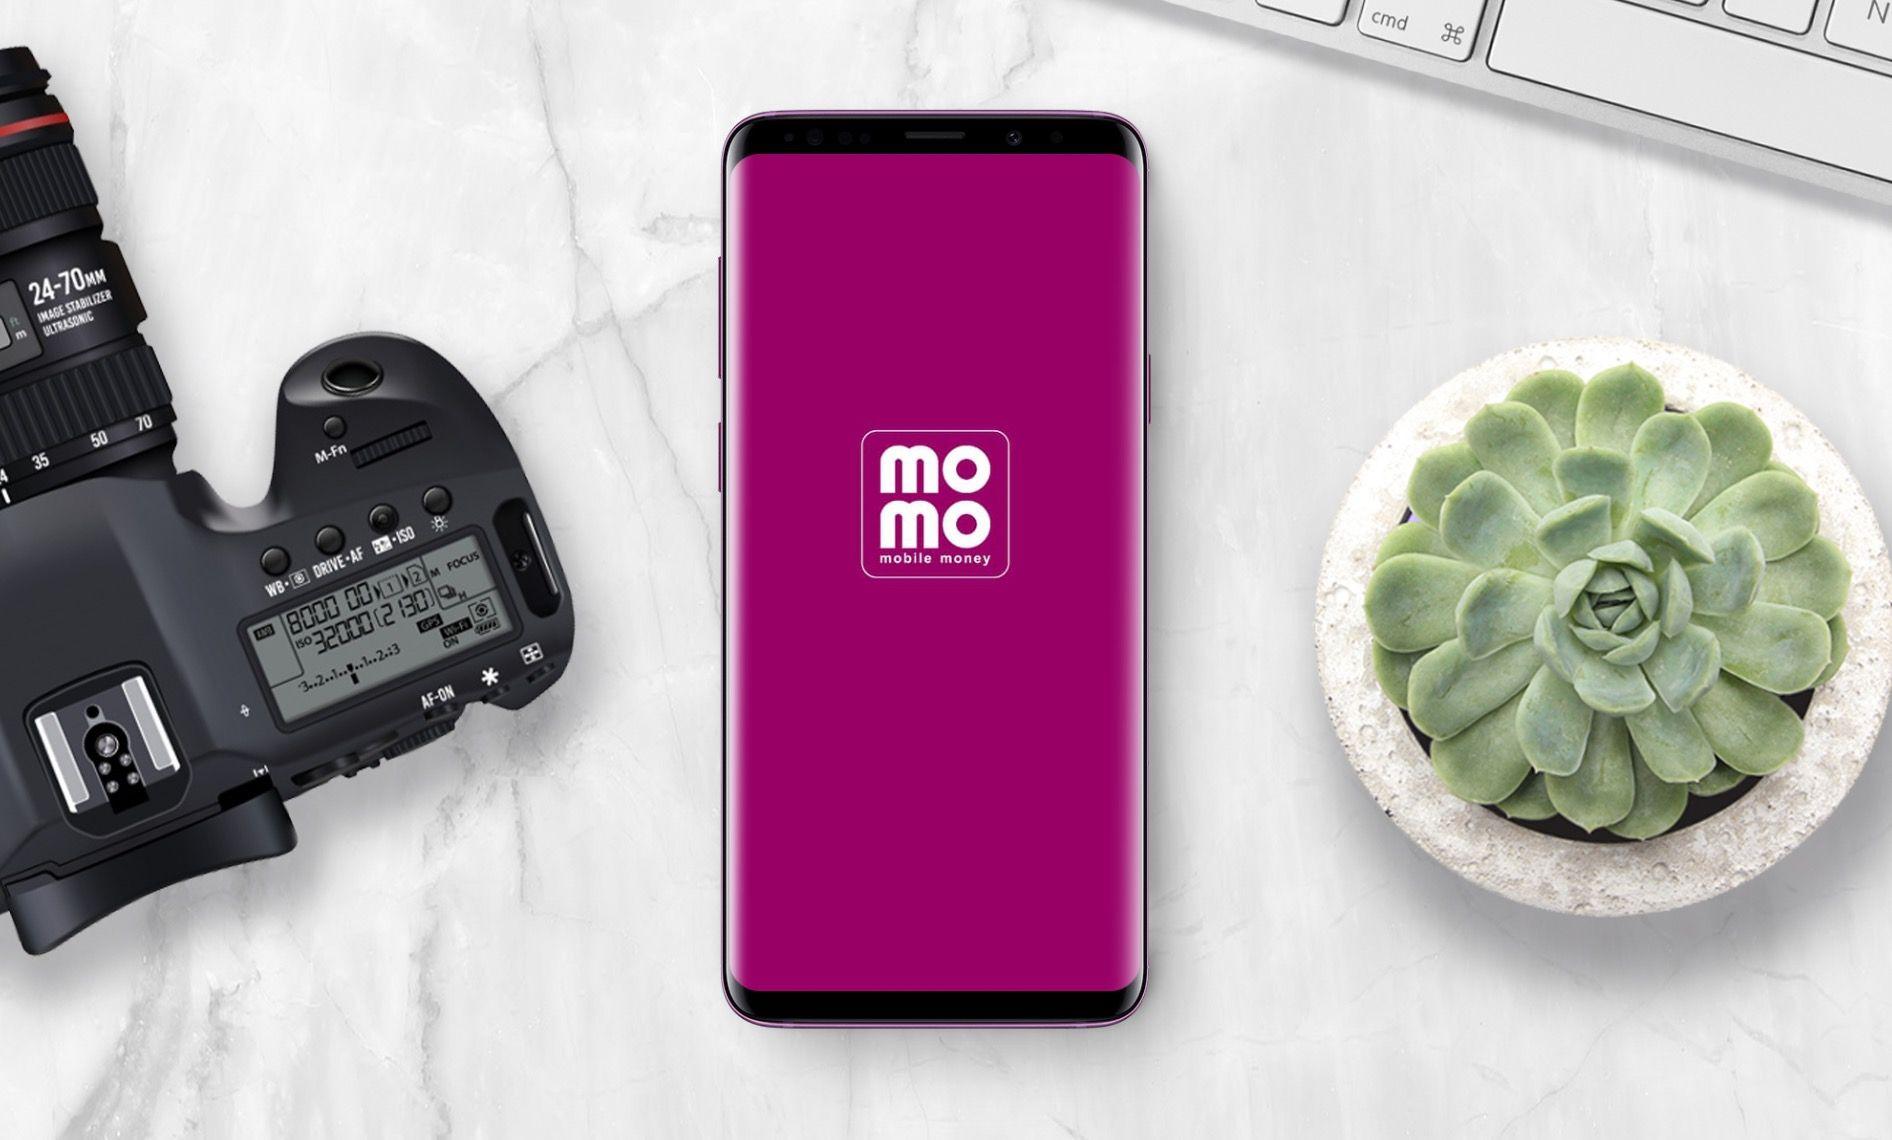 Ứng dụng chuyển tiền qua điện thoại - Ví điện tử Momo